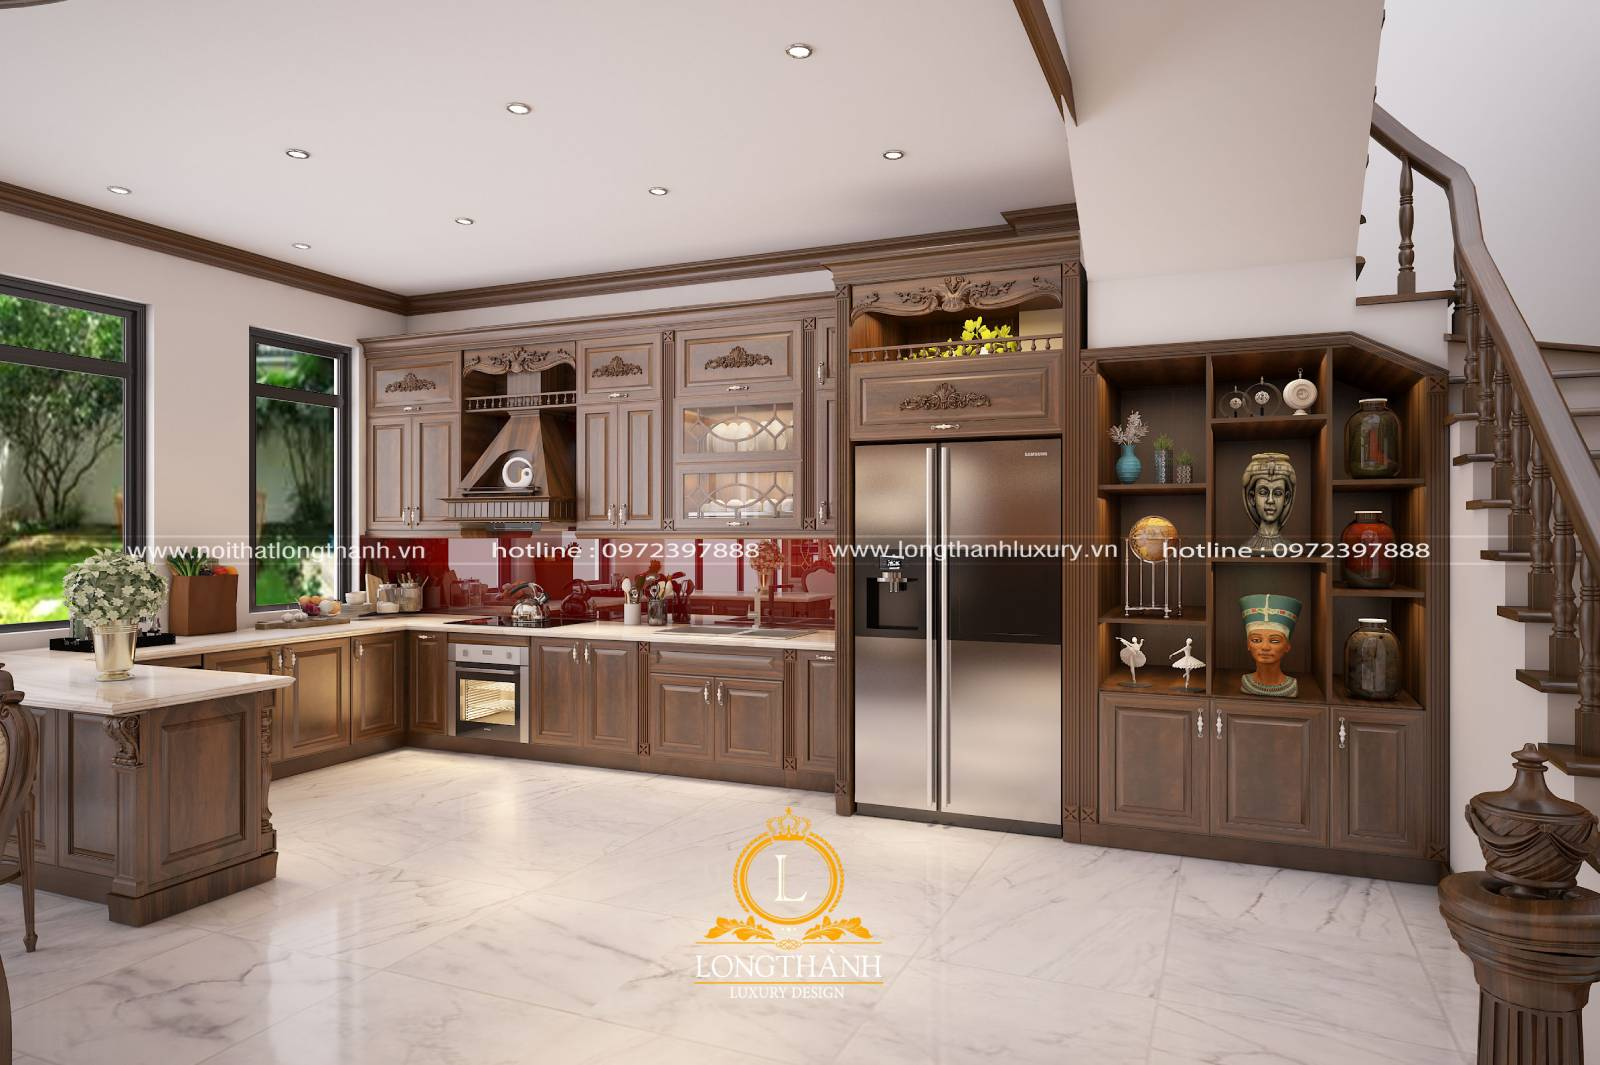 Mẫu tủ bếp gỗ Gõ LT10 theo hình chữ U quây quần ấm cúng